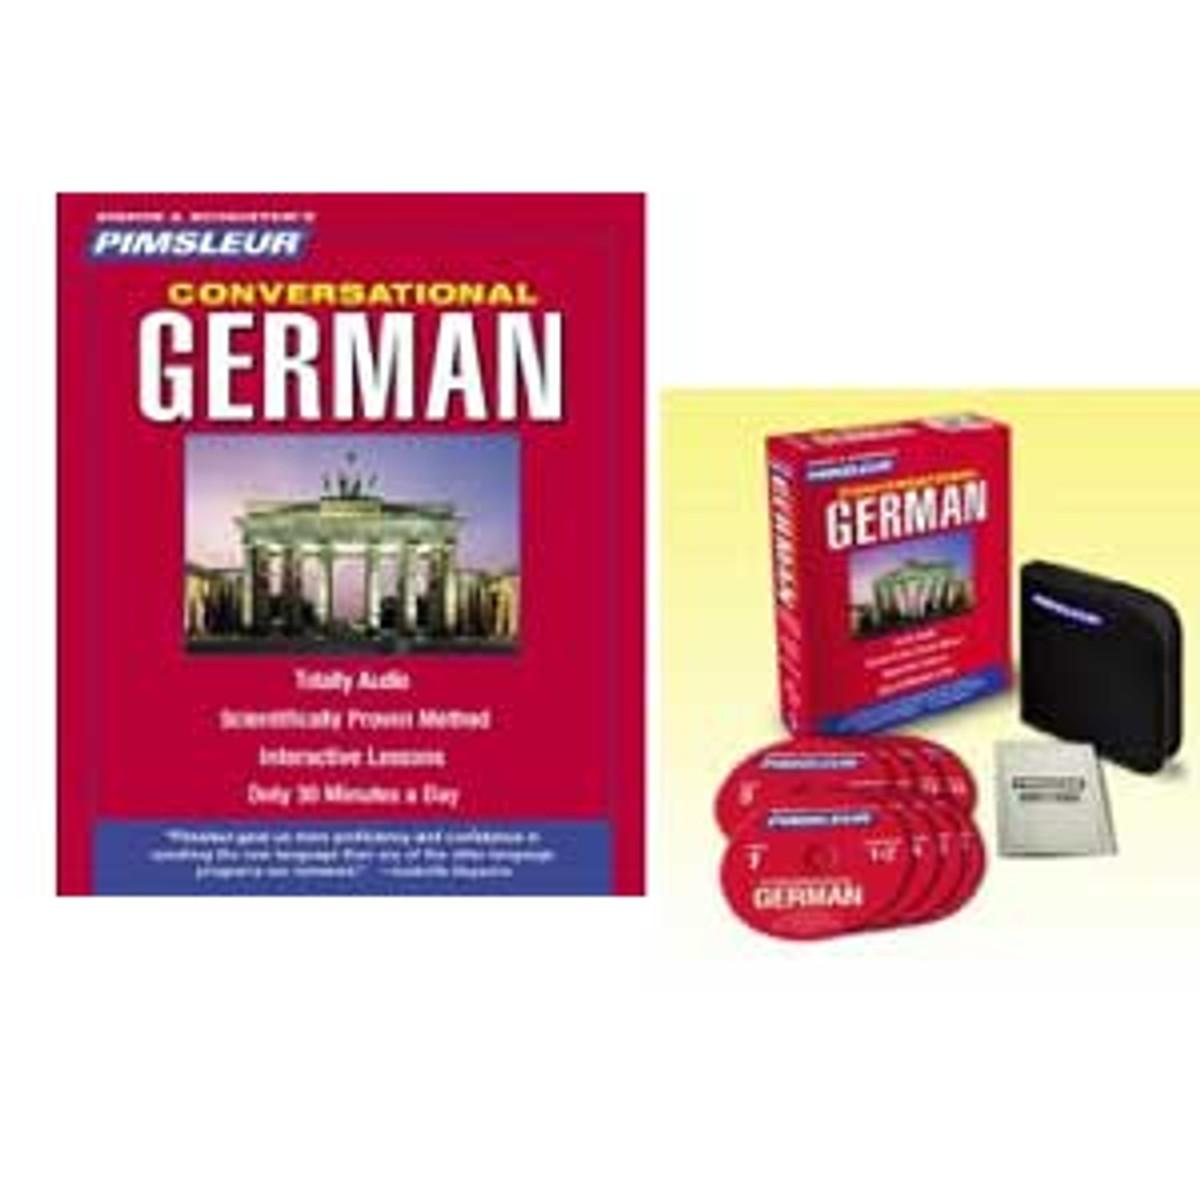 Pimsleur Conversational German audio CDs